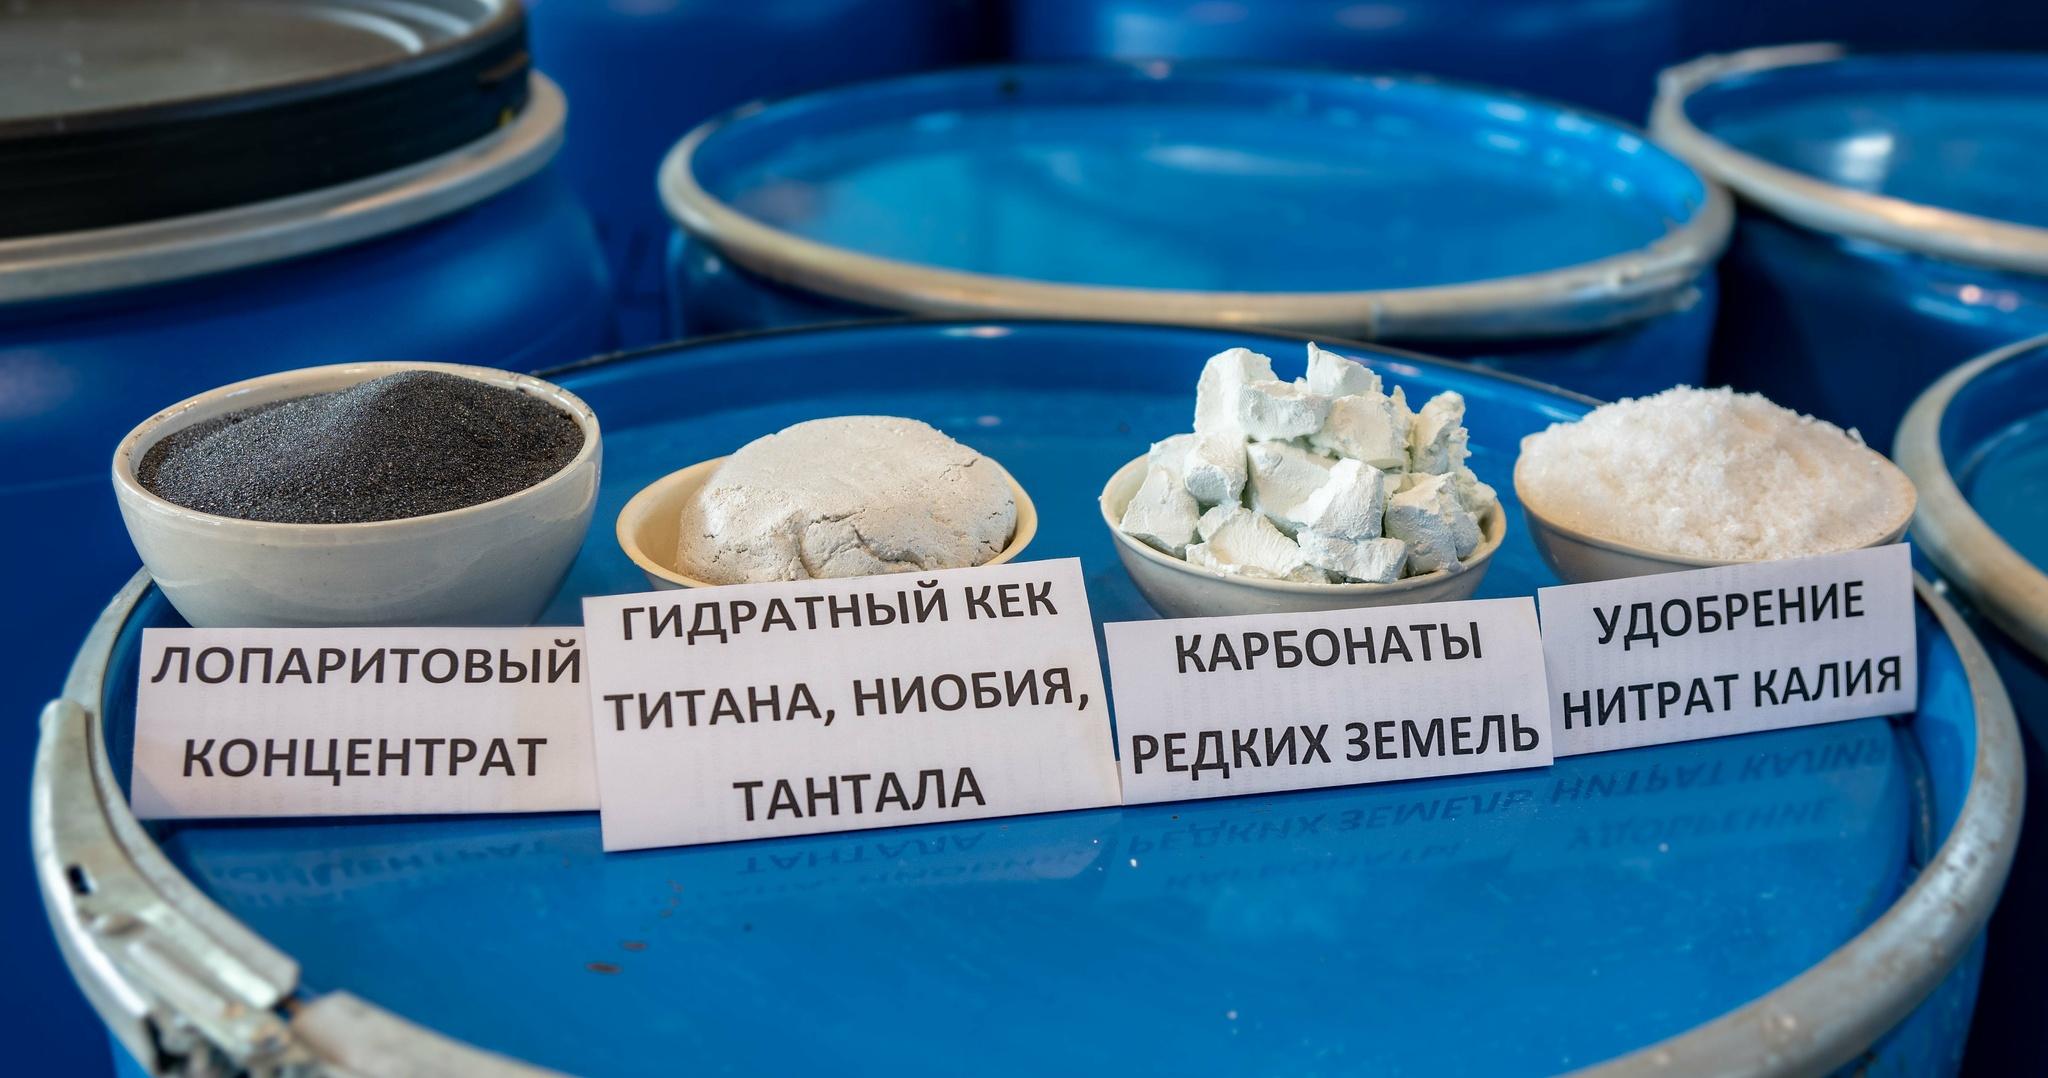 © chmz.net